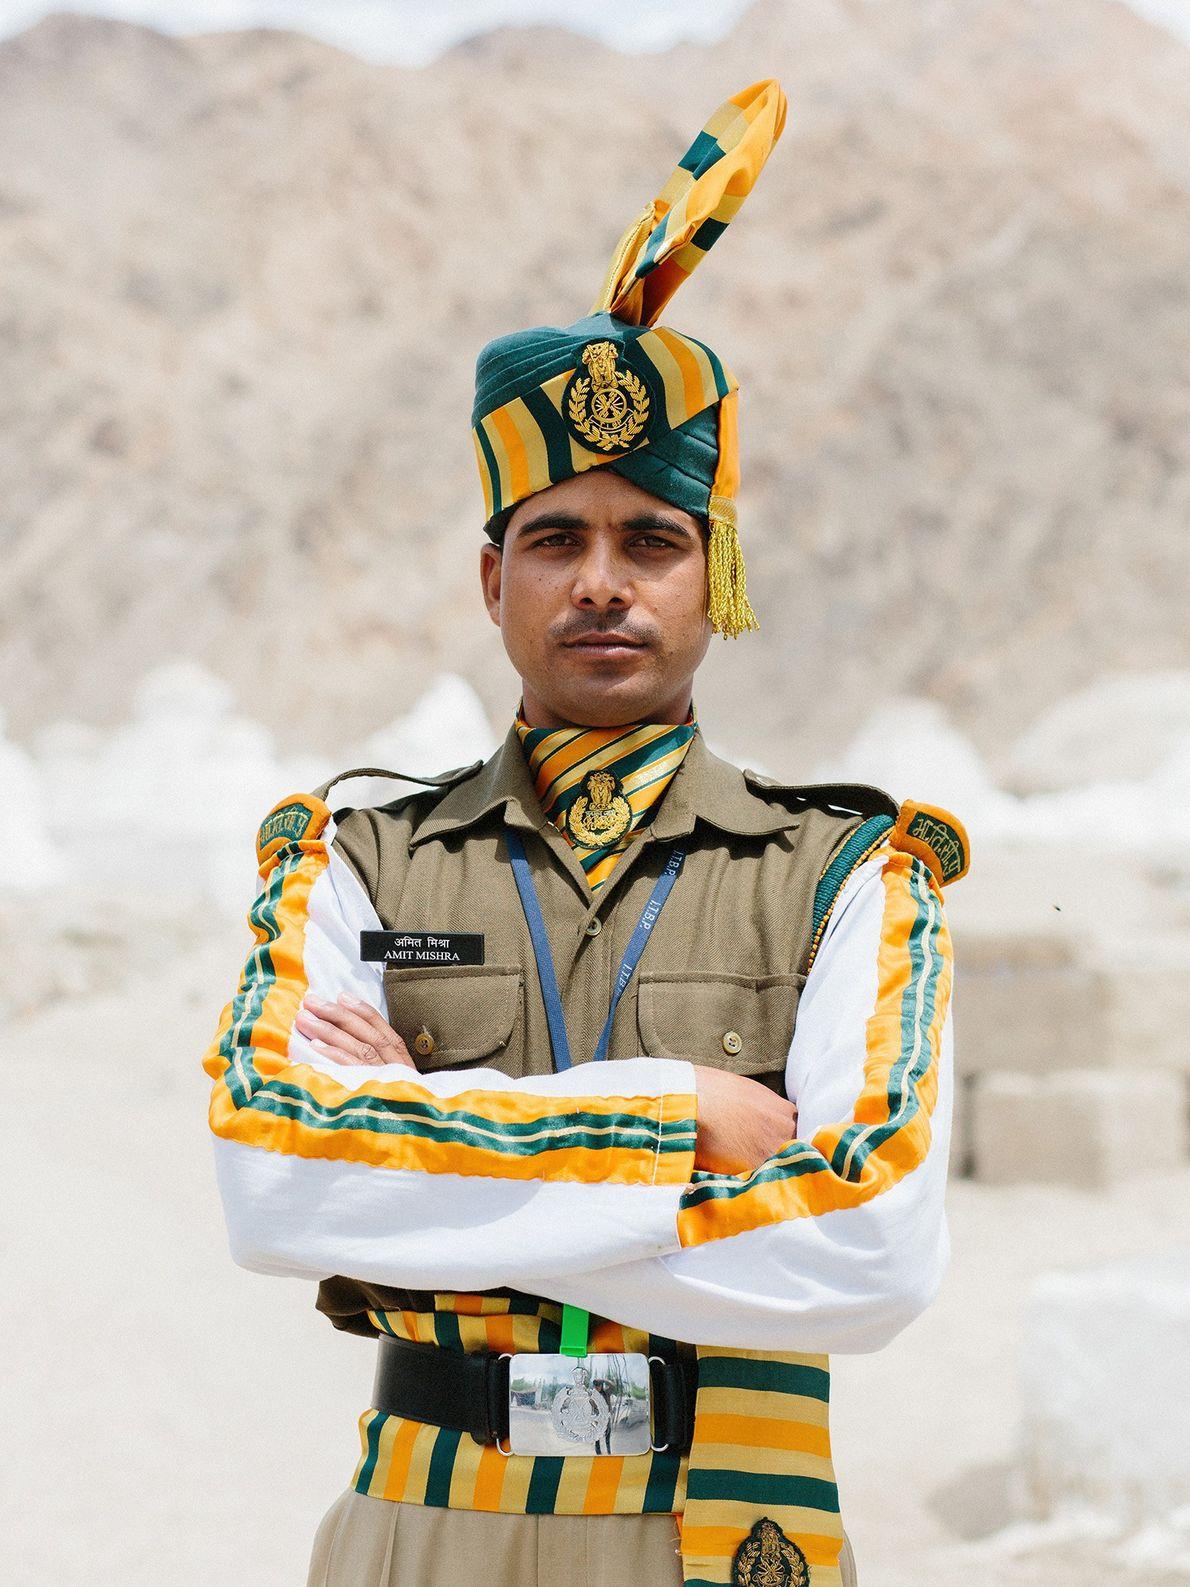 L'armée indienne est présente dans l'État du Jammu-et-Cachemire, qui fait l'objet d'un litige territorial entre la ...